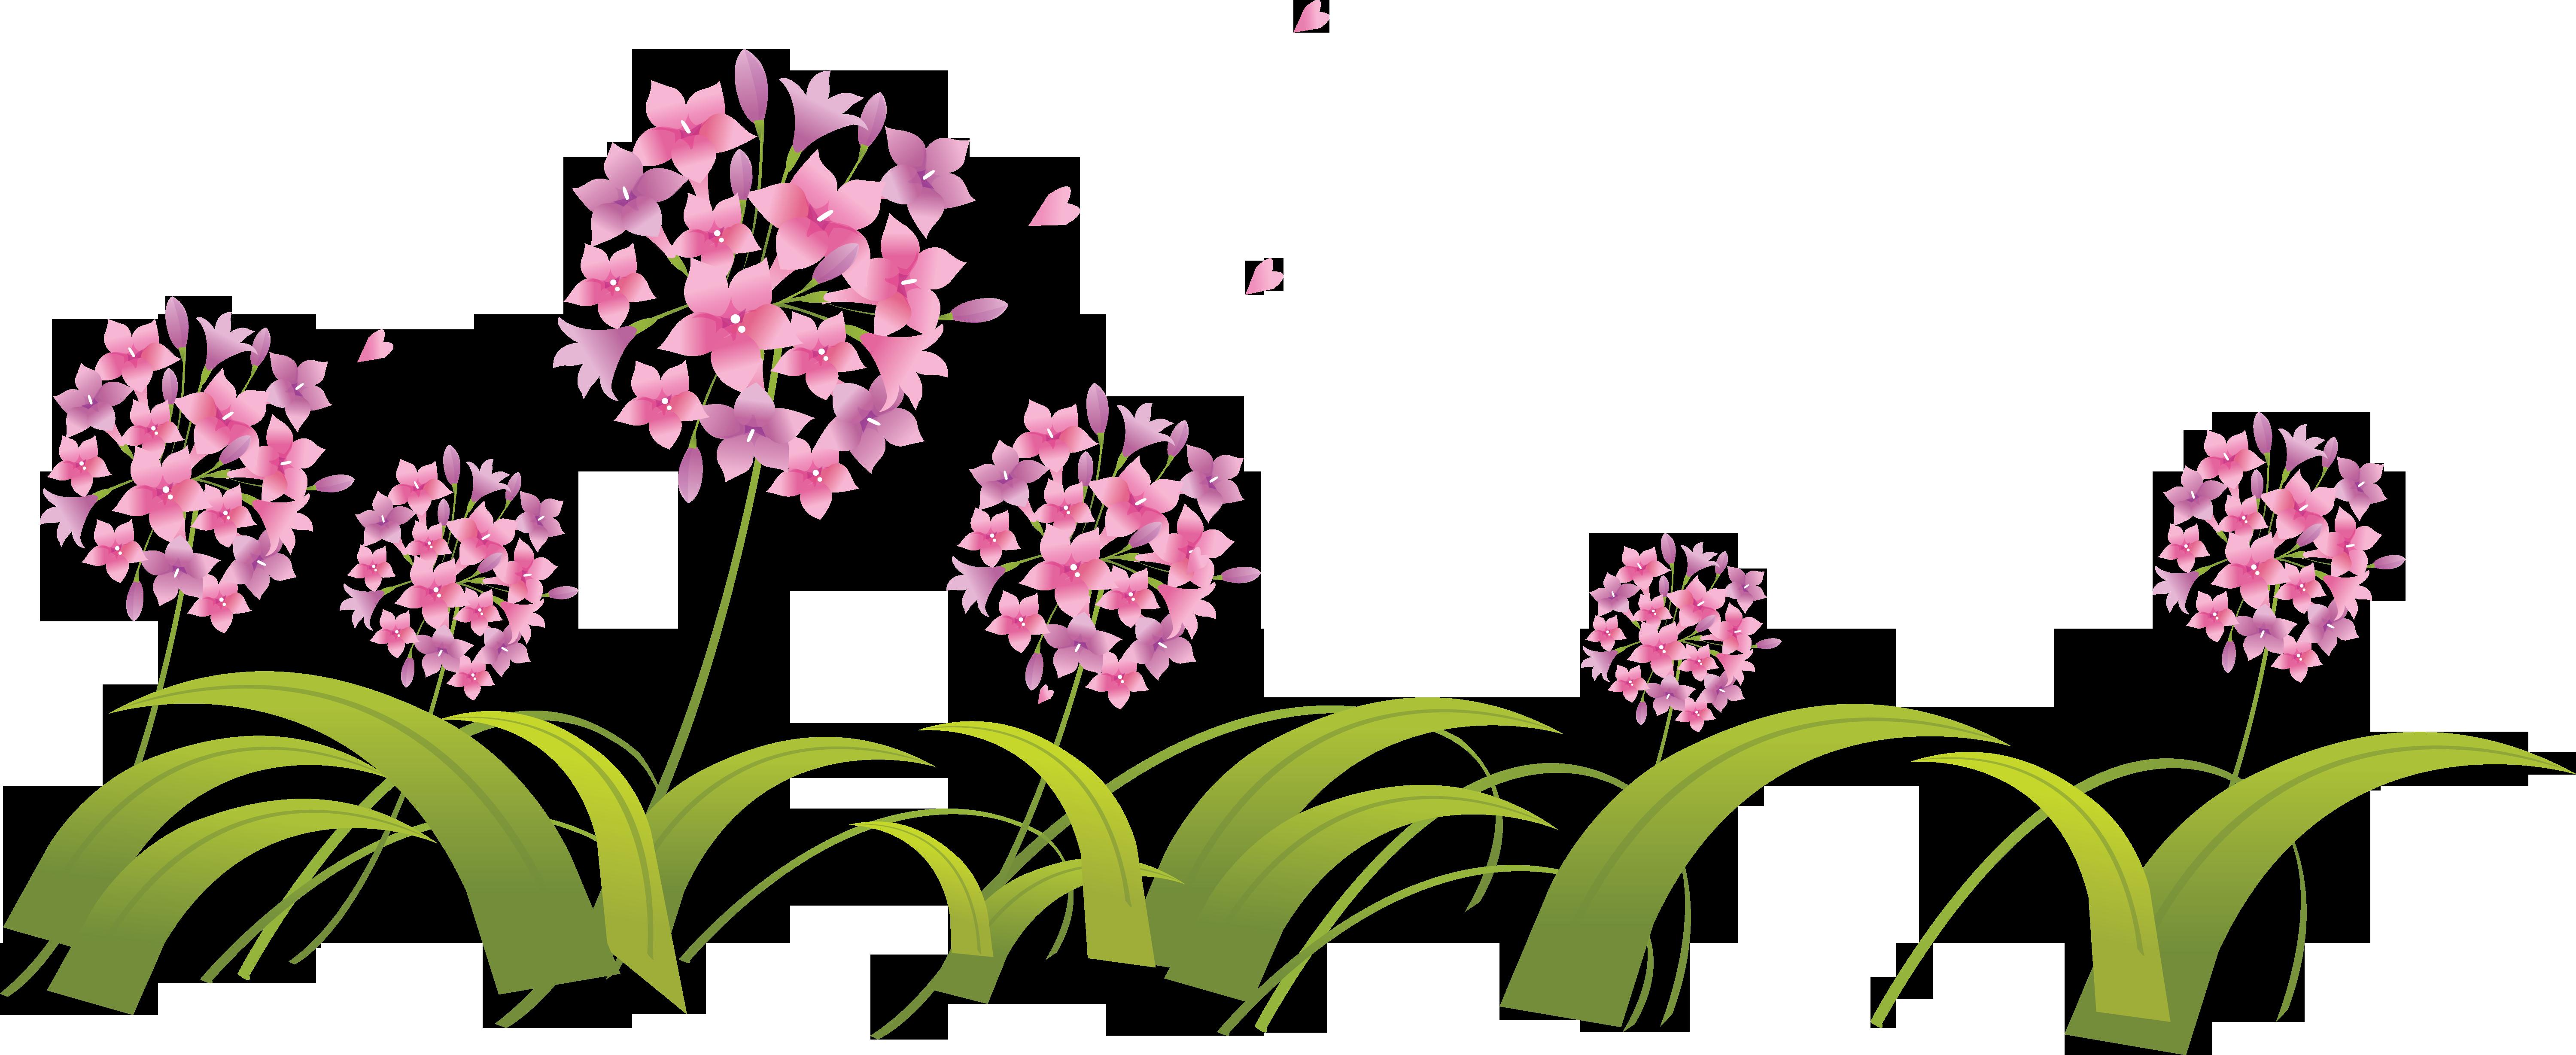 Розы цветы PNG фото скачать бесплатно